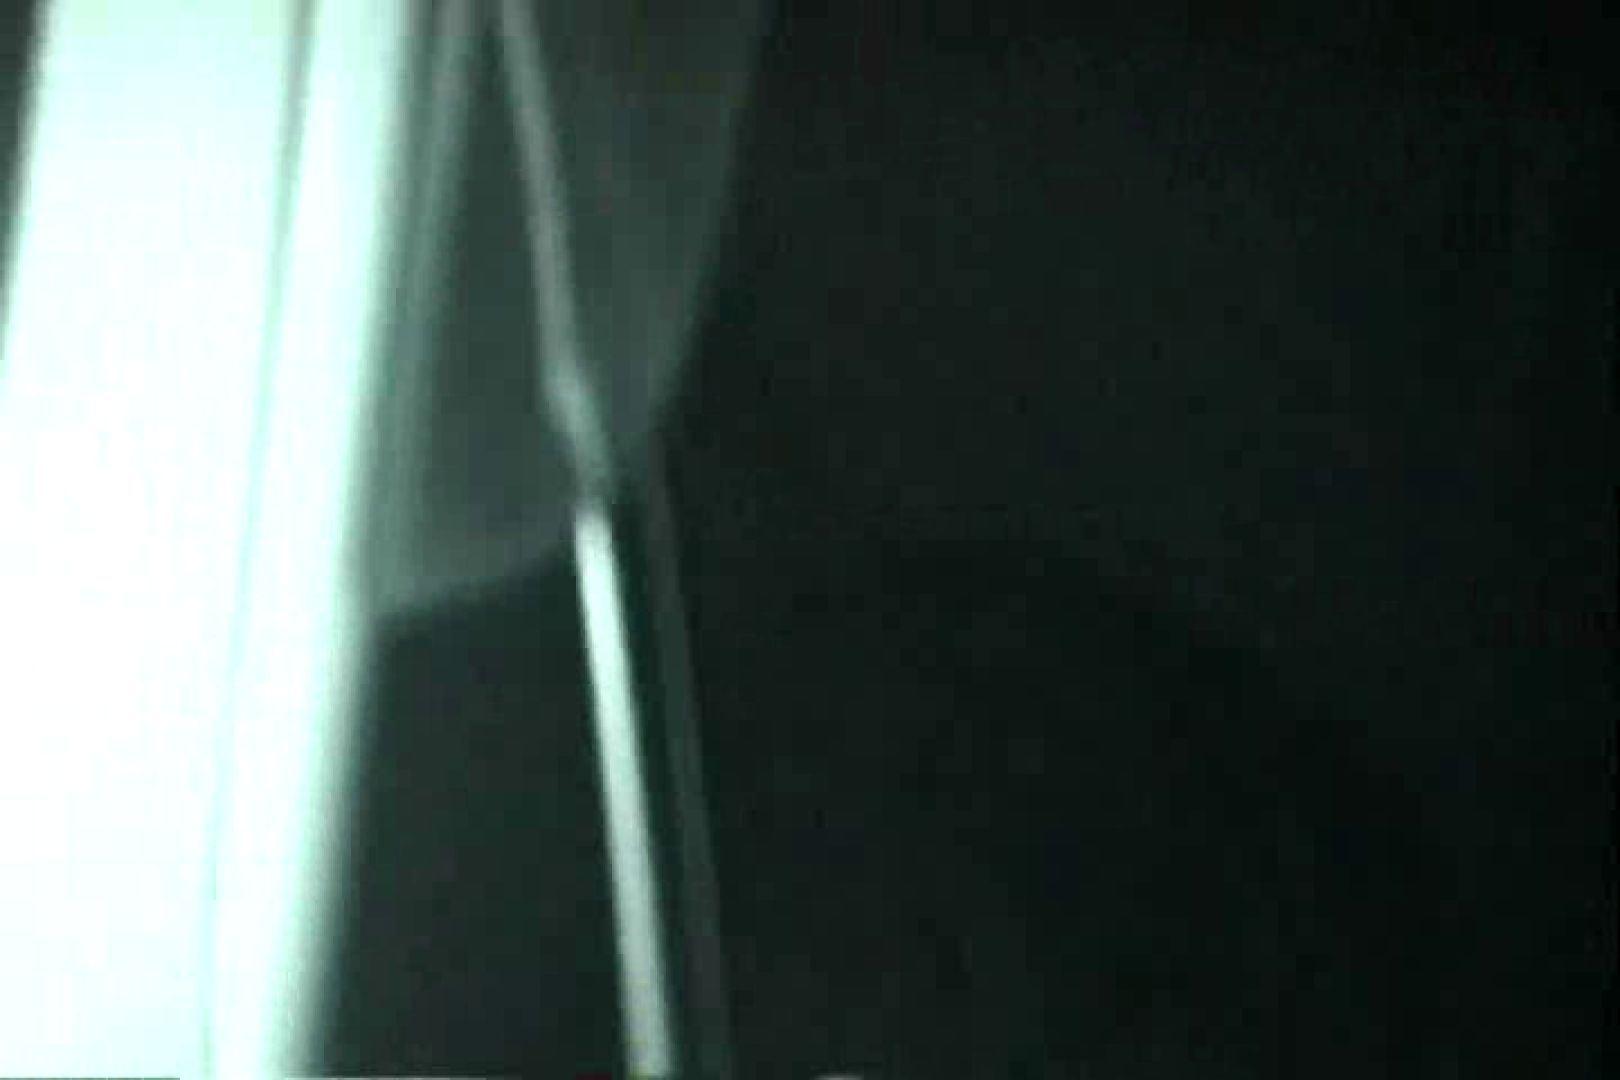 充血監督の深夜の運動会Vol.129 赤外線 おめこ無修正画像 102pic 31